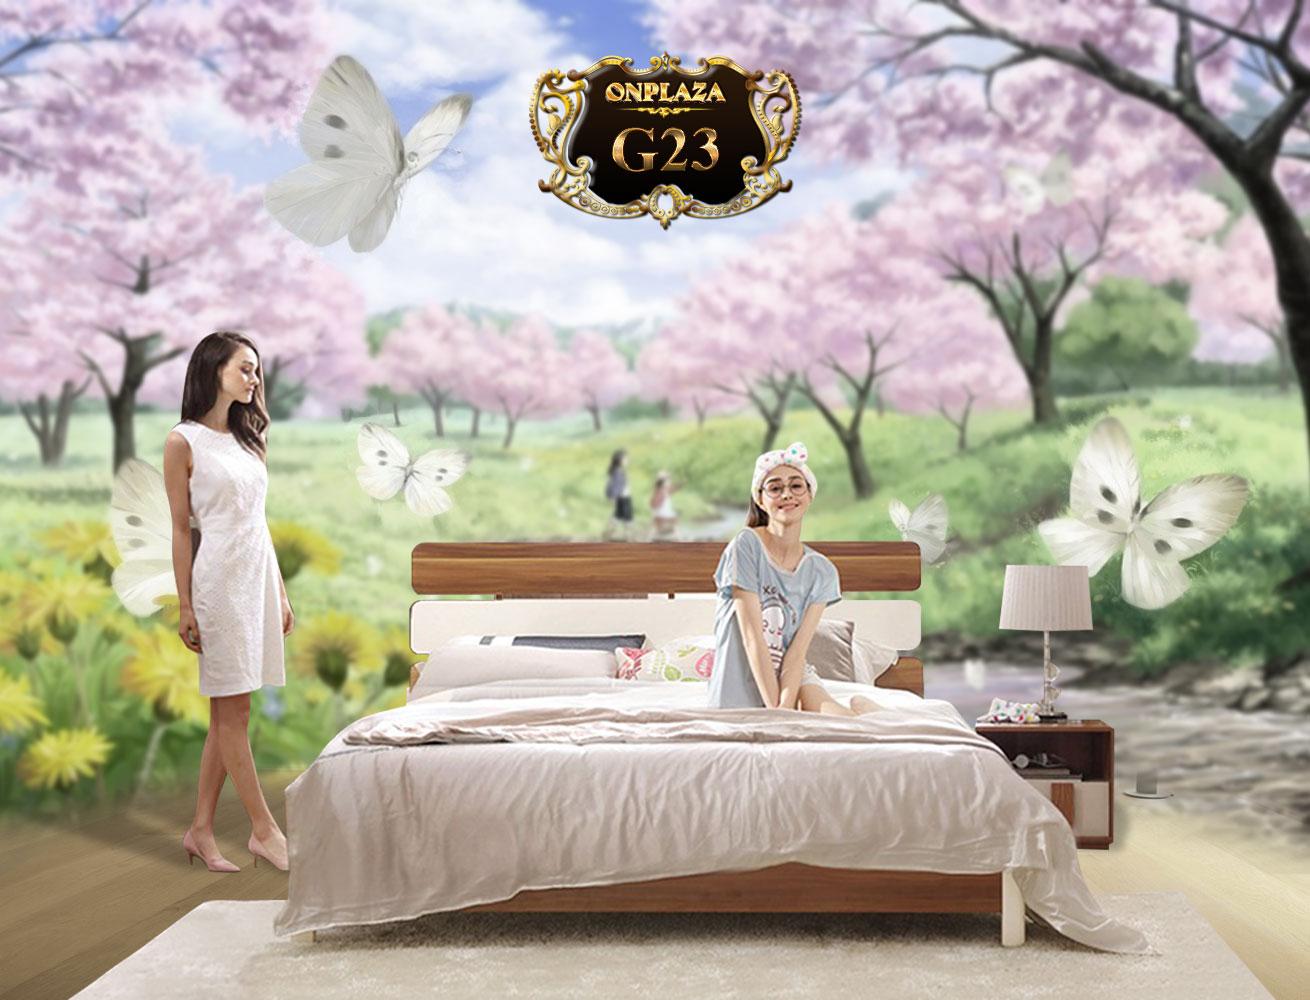 Bộ giường gỗ hiện đại + 2 Tab giường cao cấp G23 | Bộ giường ngủ đẹp gỗ tự nhiên | Giường ngủ hiện đại cho nhà nhỏ